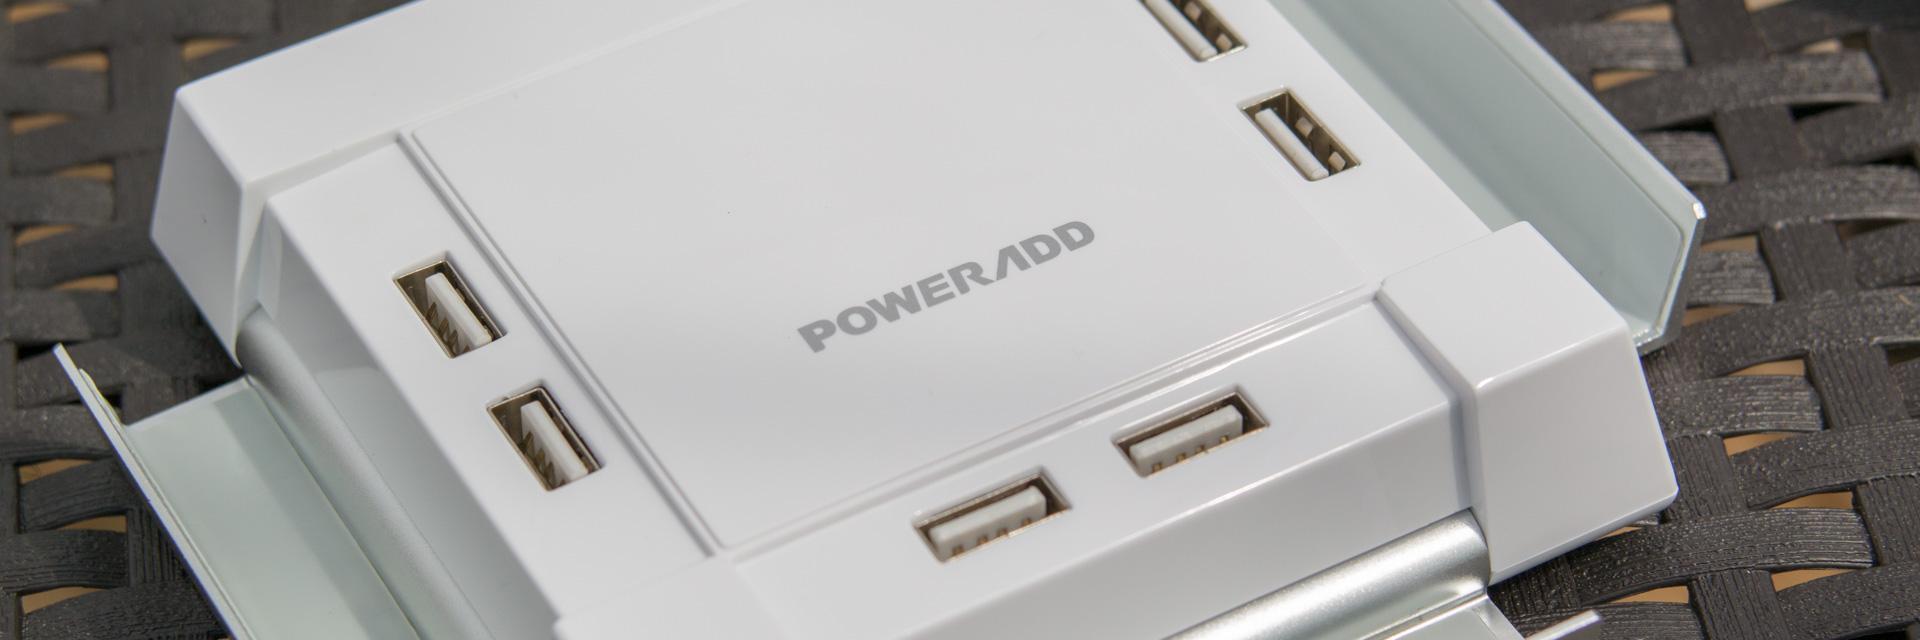 Ladestation von Poweradd im Test